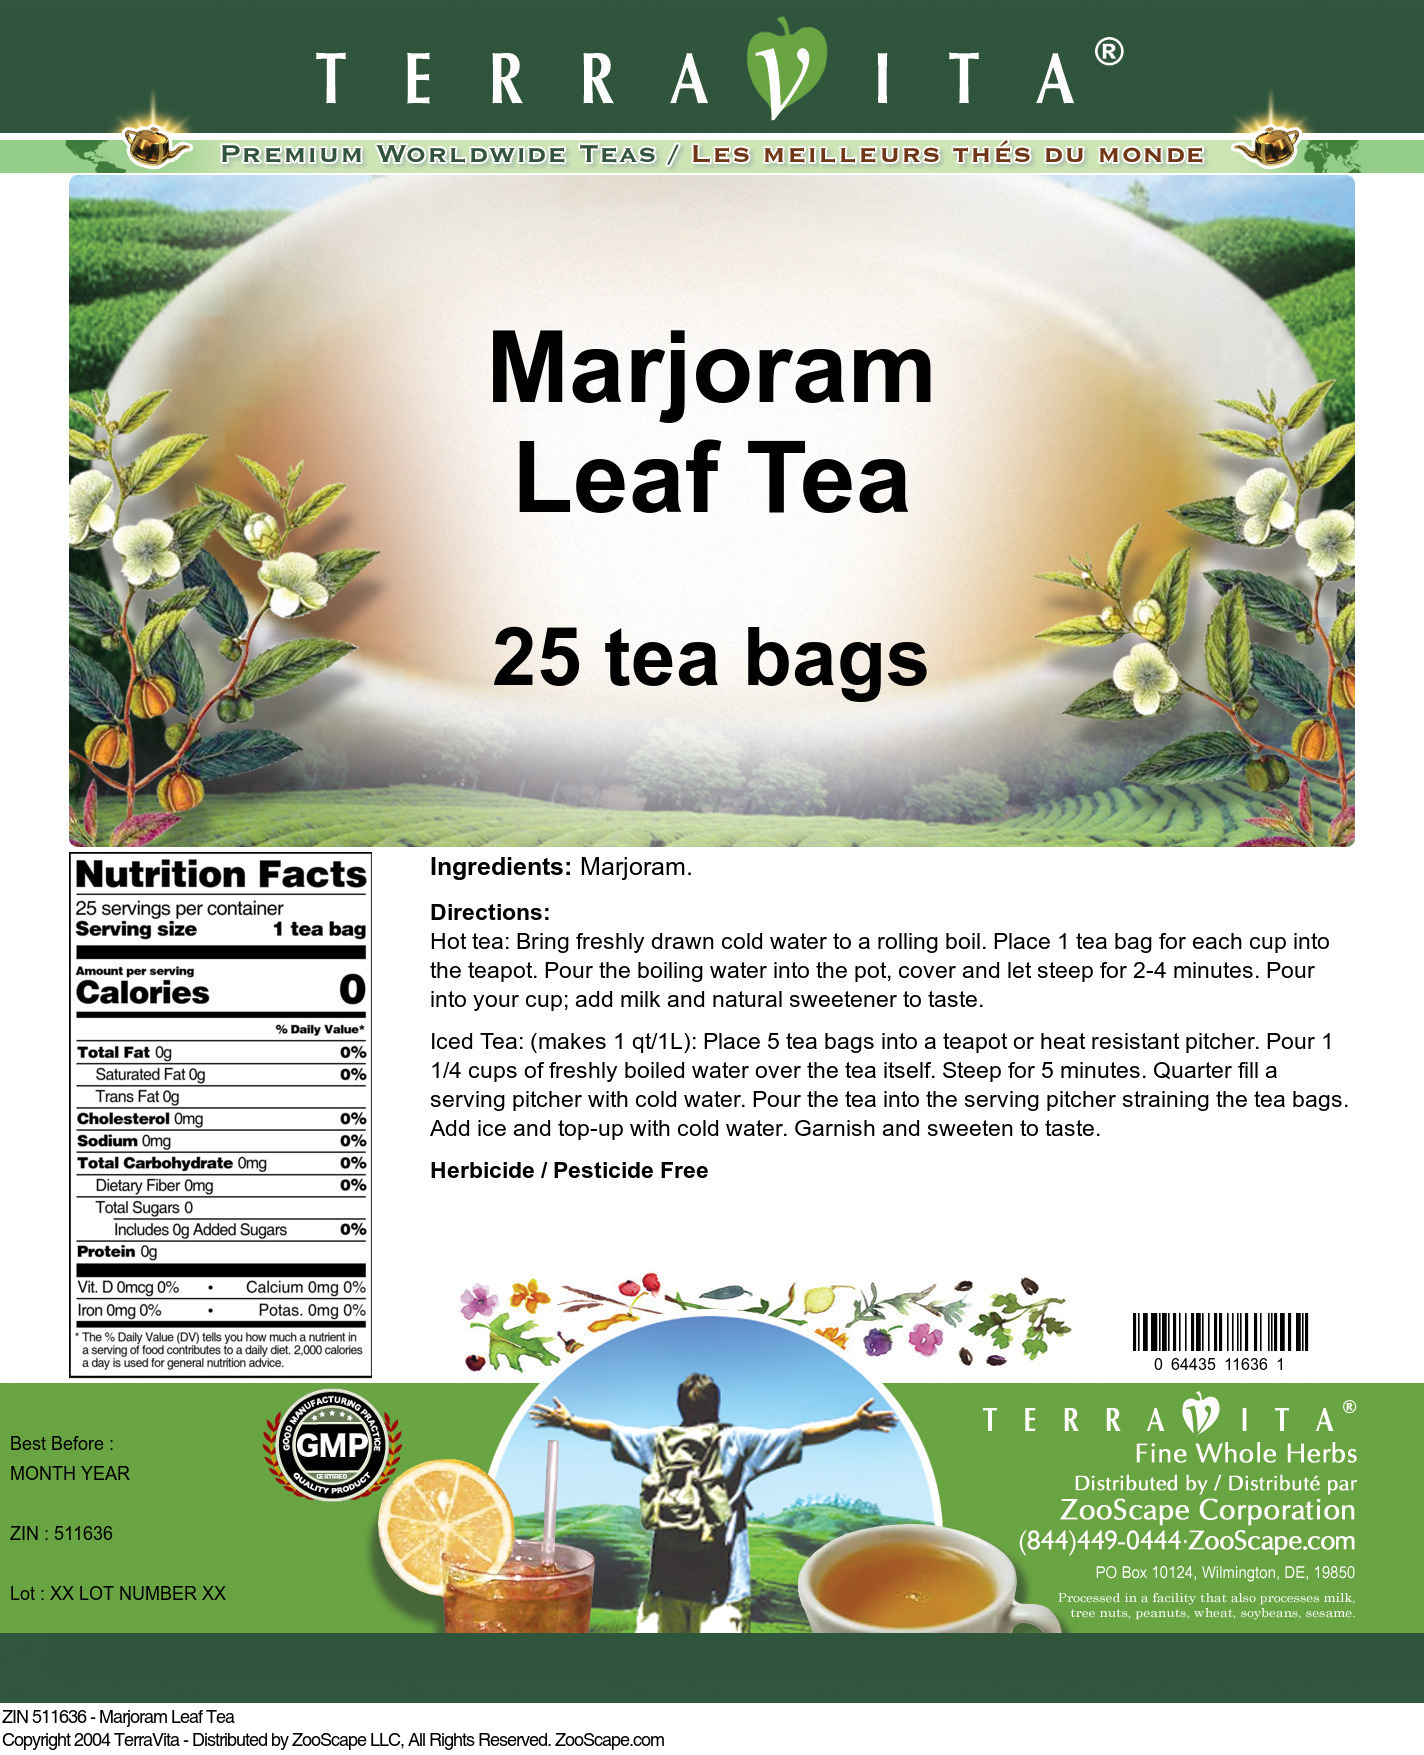 Marjoram Leaf Tea